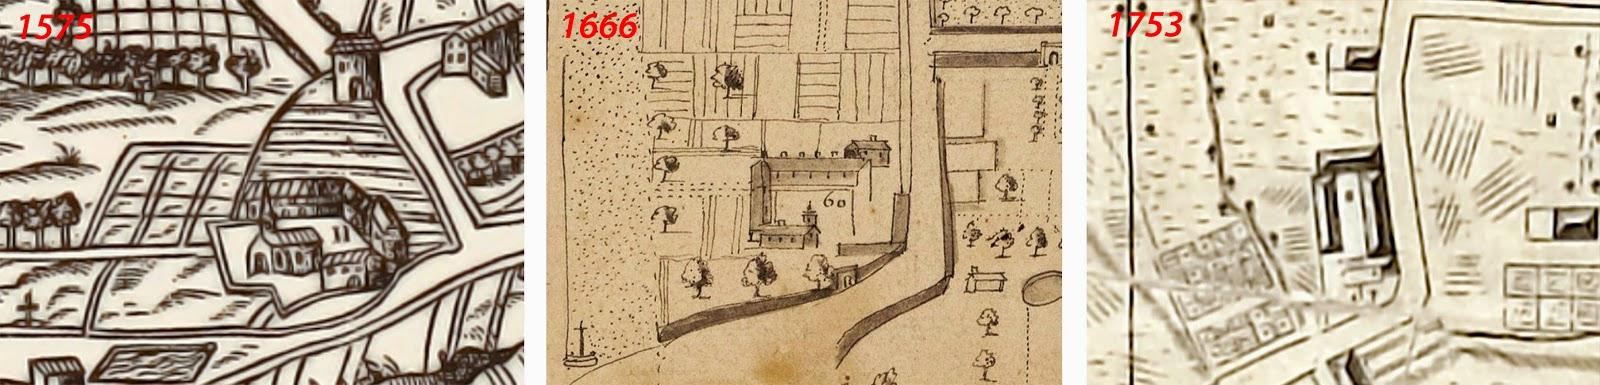 Différentes représentations des lieux au fil des siècles